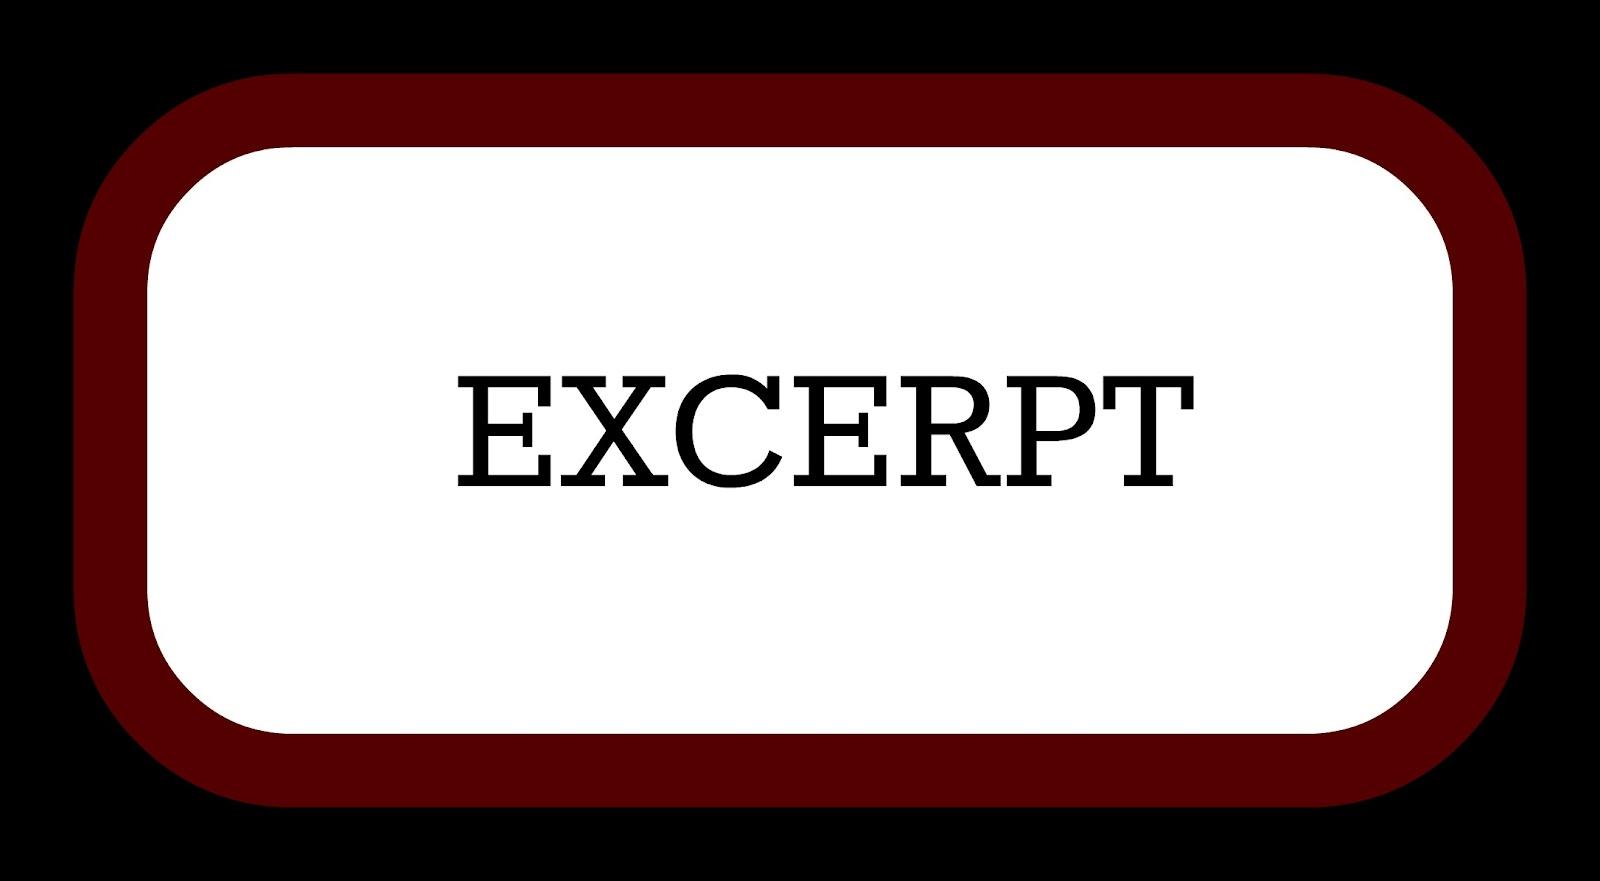 EXCERPT3.JPG